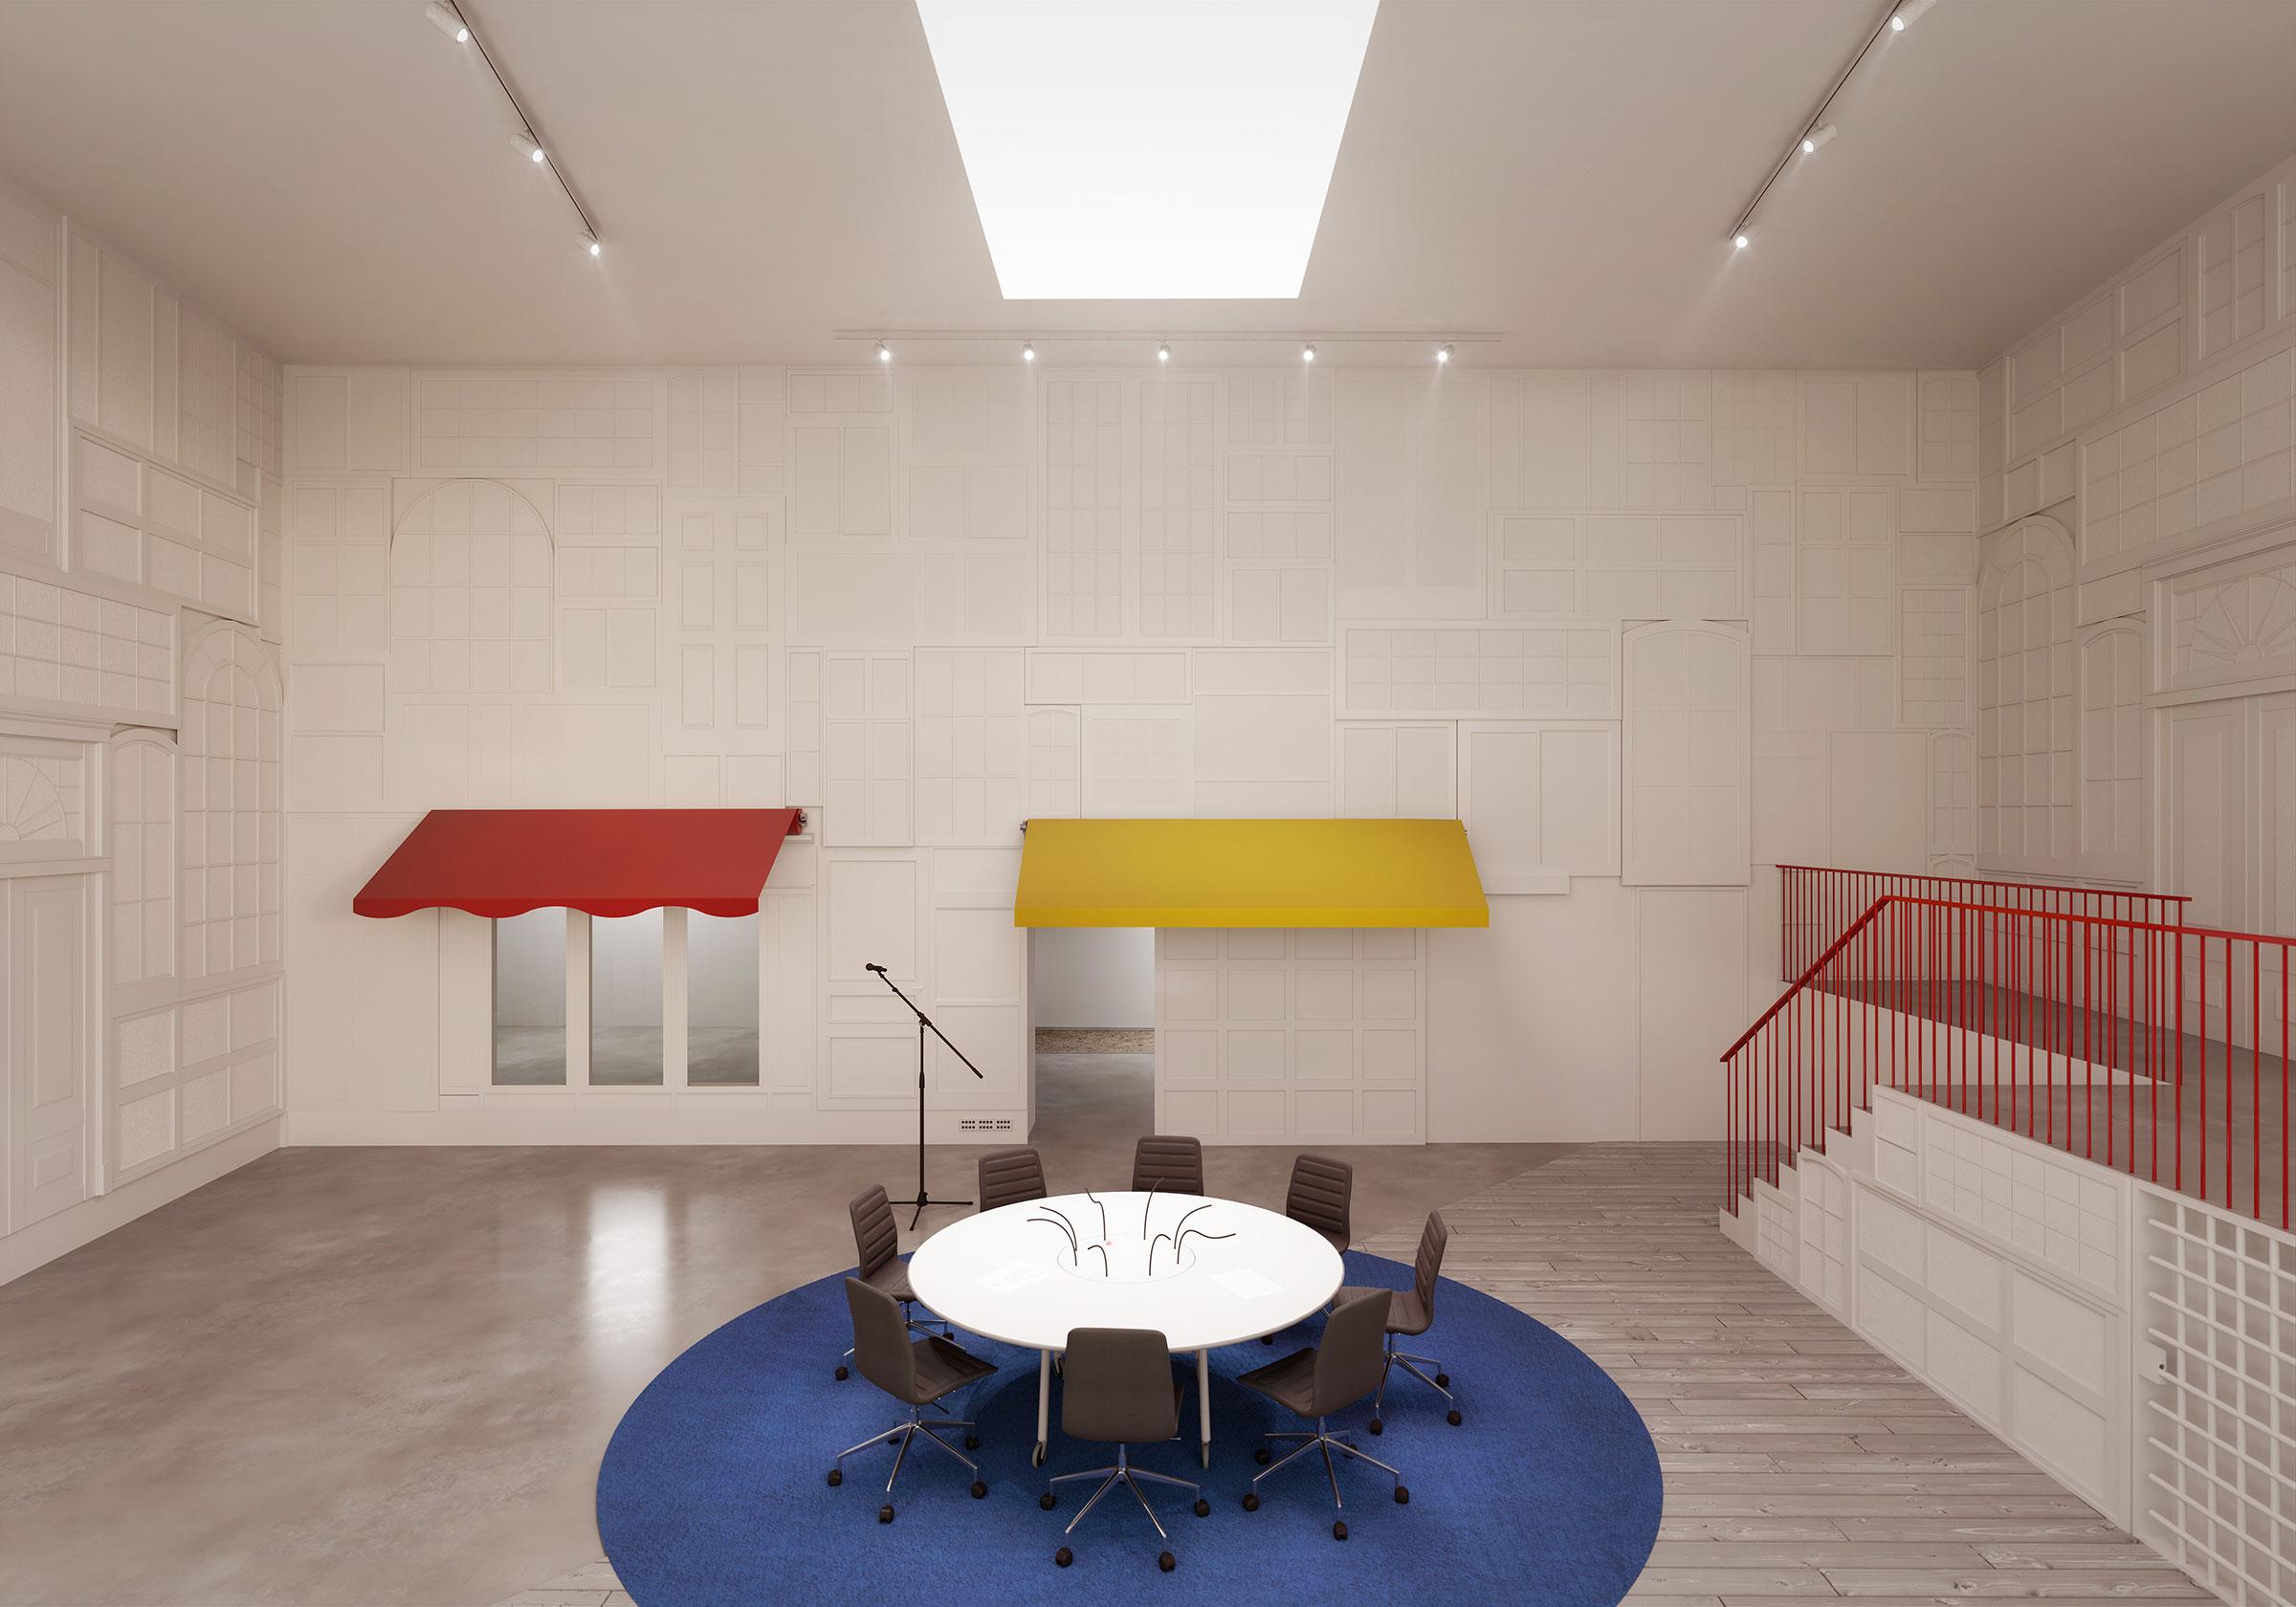 Perspective du studio 114 réalisée par LEMON SARL sur la base de l'avant-projet.<br />Consacré principalement à la production de fictions radiophoniques, le studio 114 sera équipé d'une chambre sourde, c'est-à-dire d'un local aménagé de manière à présenter le minimum de réverbération, et d'une chambre claire, c'est-à-dire d'un local aménagé de manière à présenter le maximum de réverbération.<br />© R architecture / WSP / RADIO FRANCE